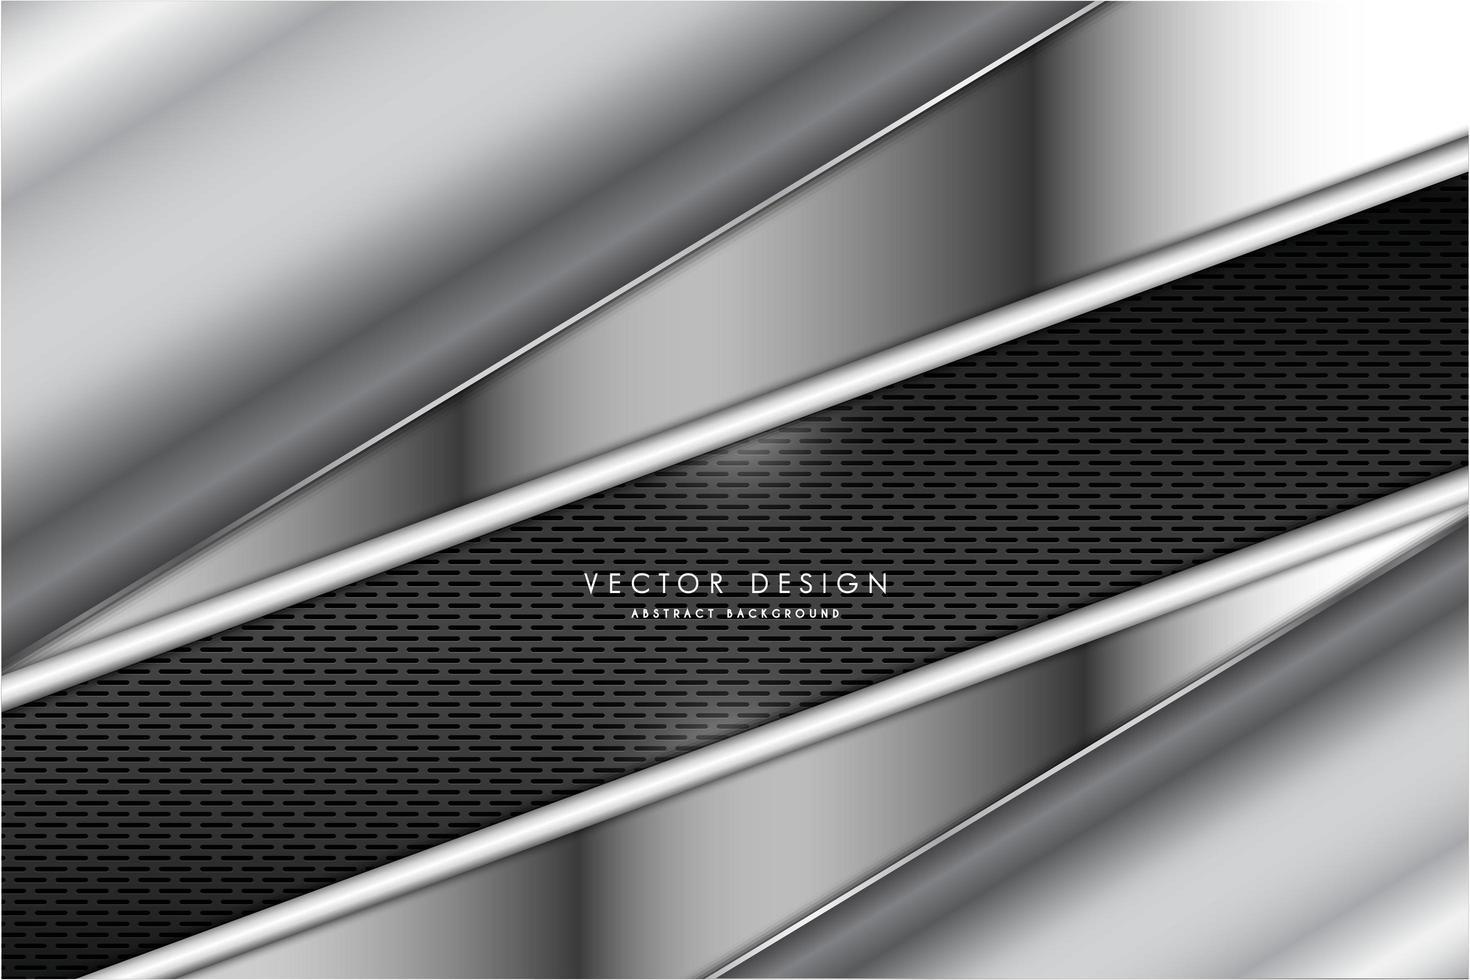 pannelli metallici angolati argento con texture a griglia scura vettore